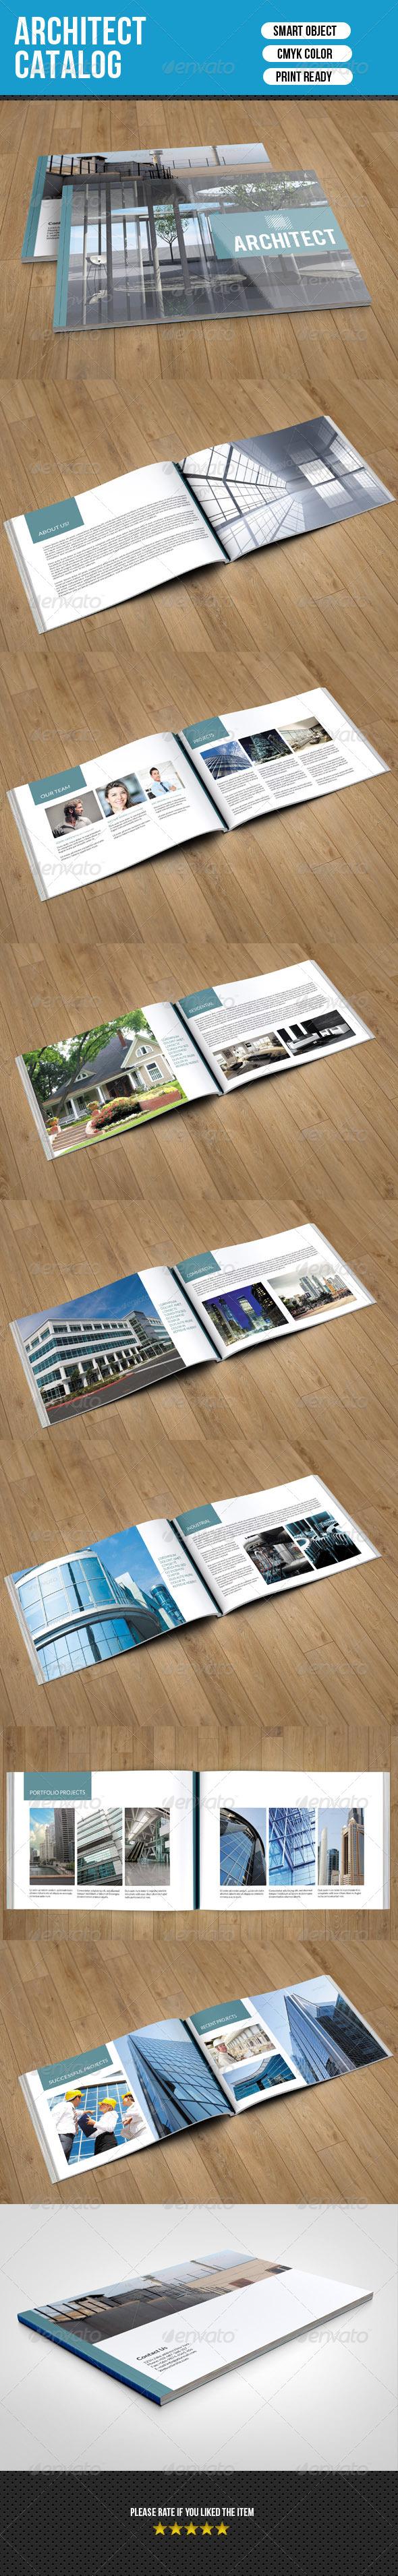 GraphicRiver Architect Catalog Template-V05 7842646